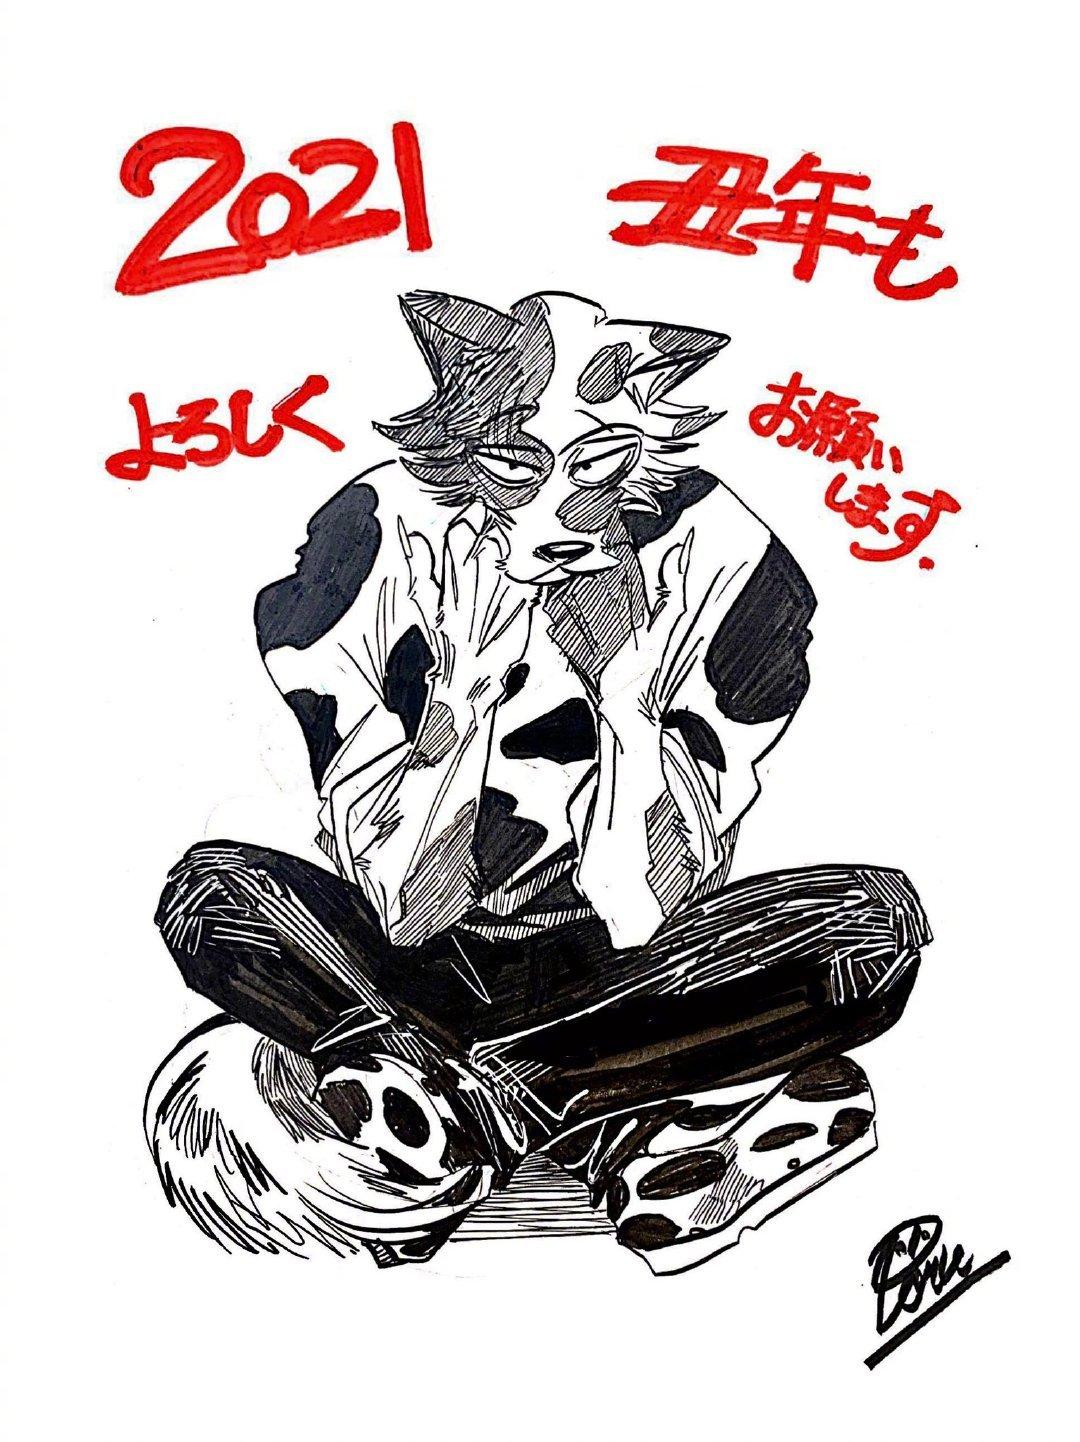 2021动漫相关新年贺图- ACG17.COM